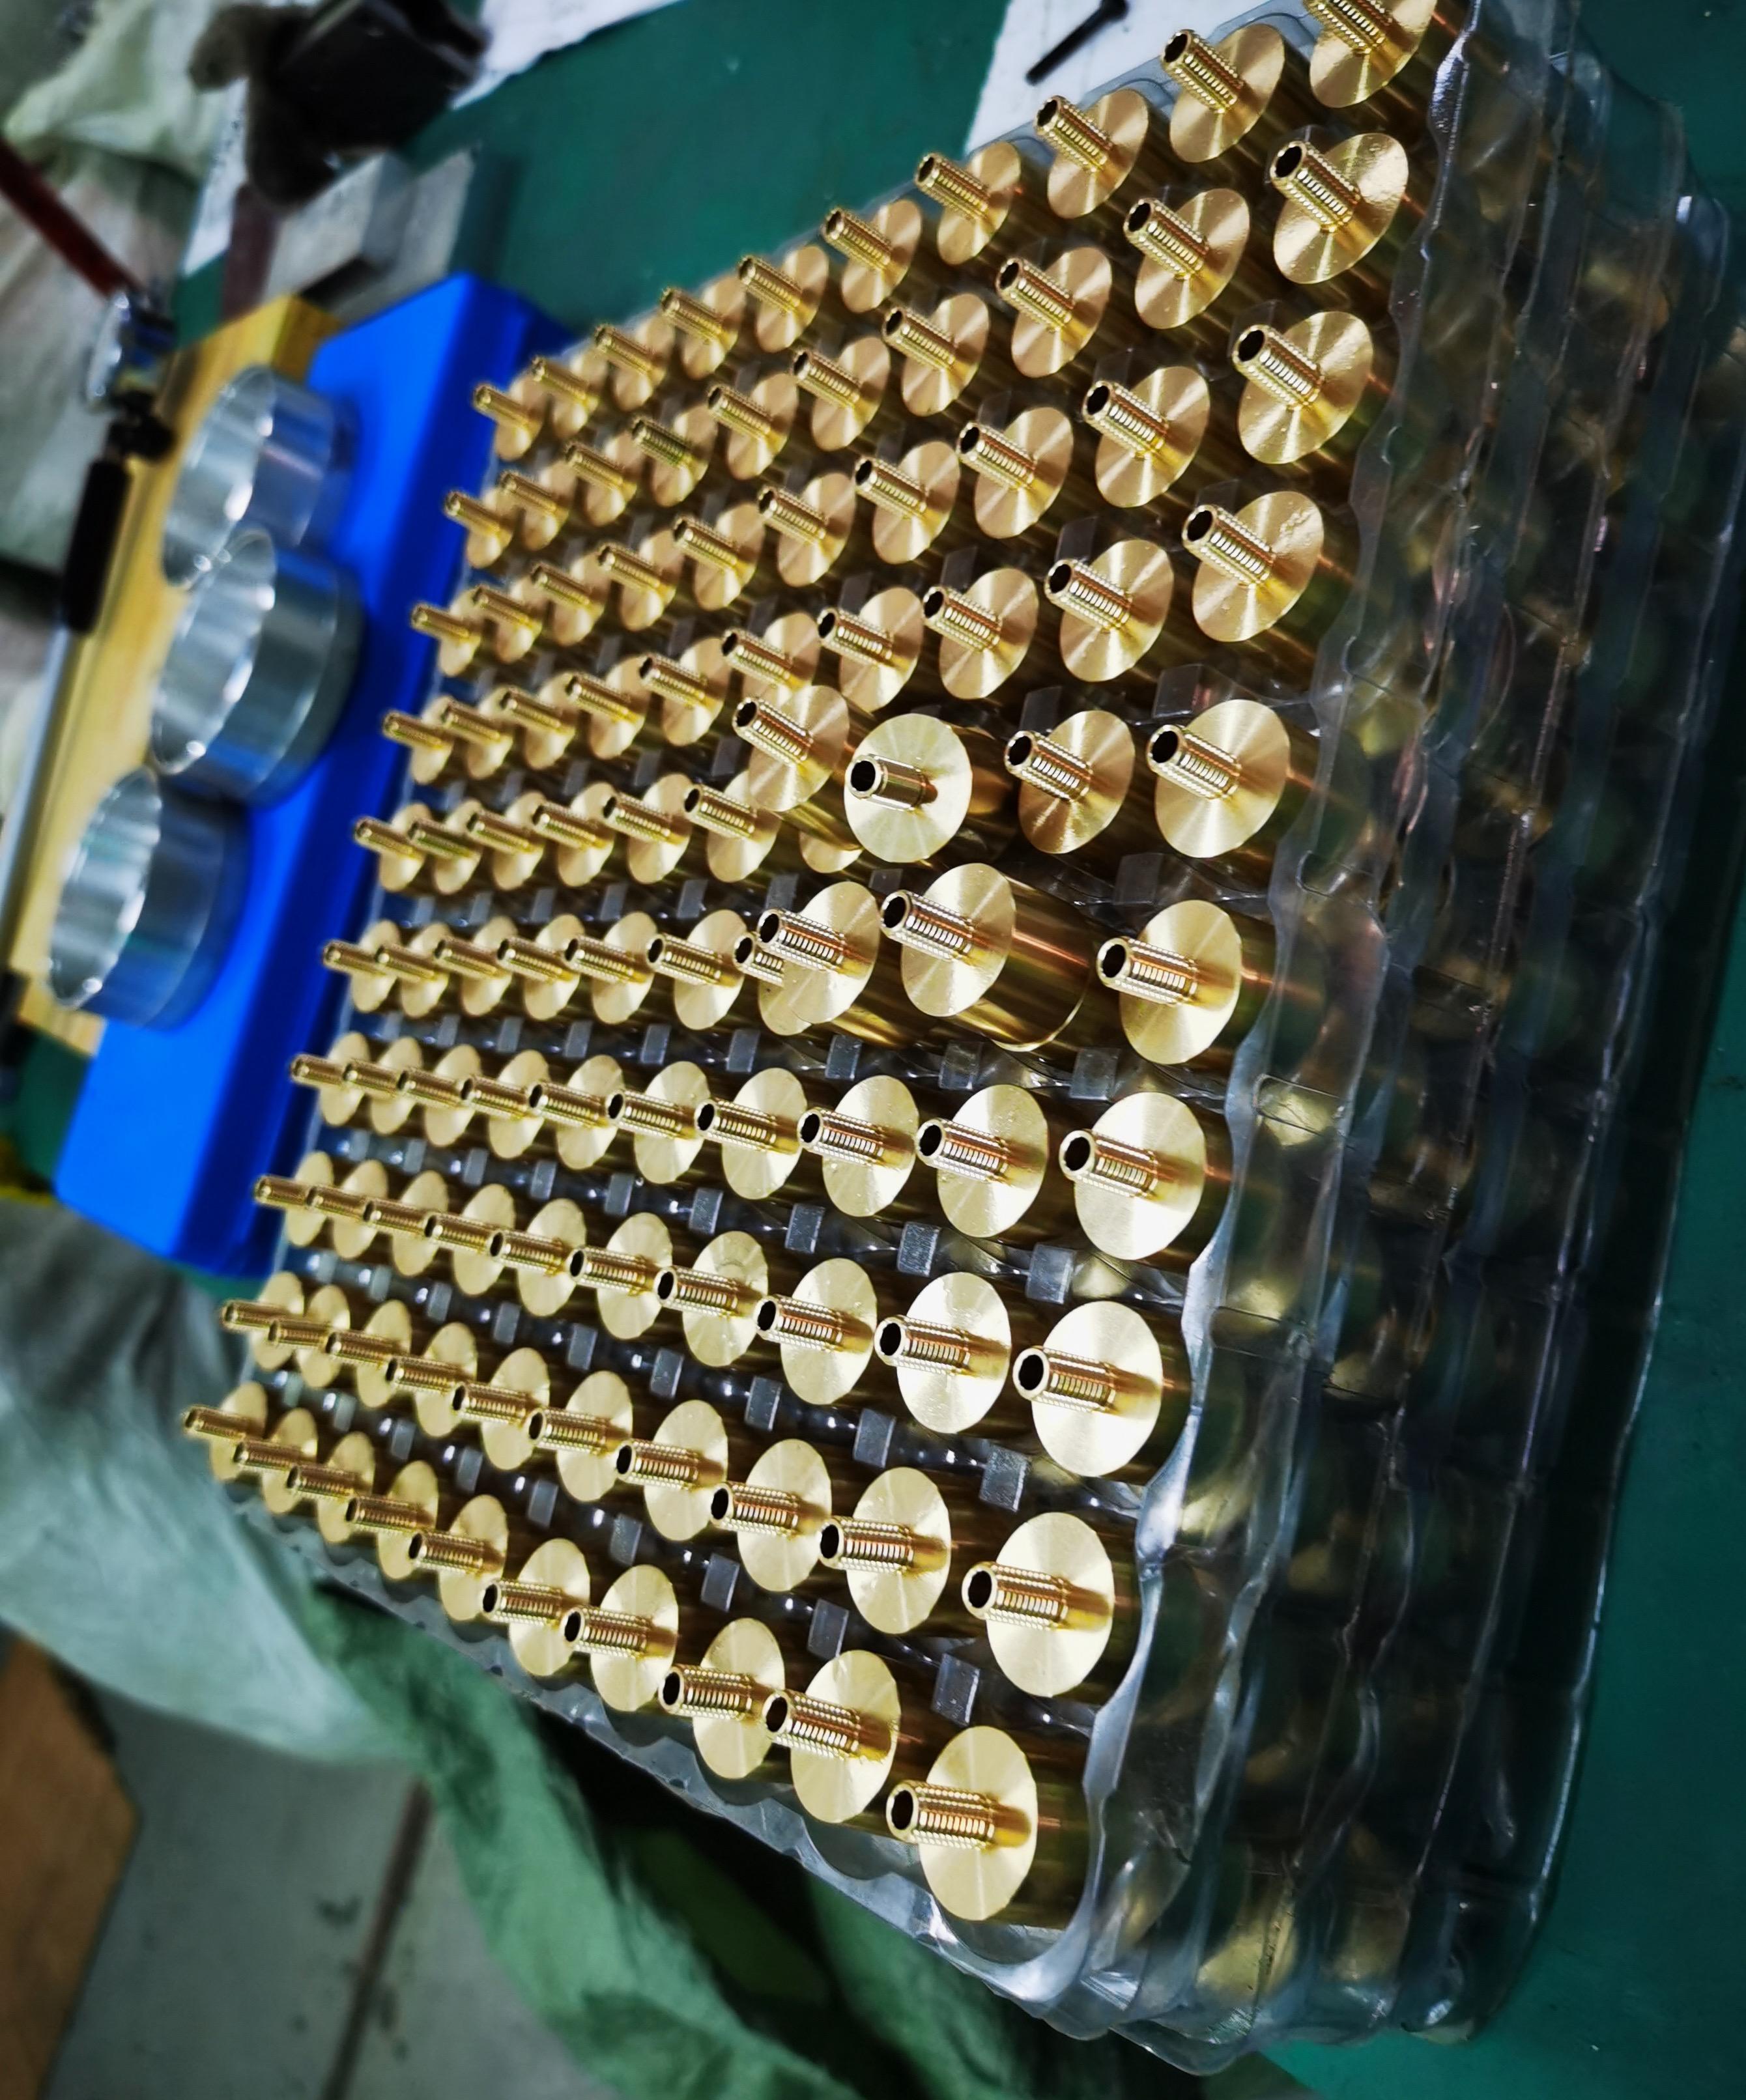 B70DE9DB-D412-41A5-8850-8D7CF5DE8CA8.jpeg